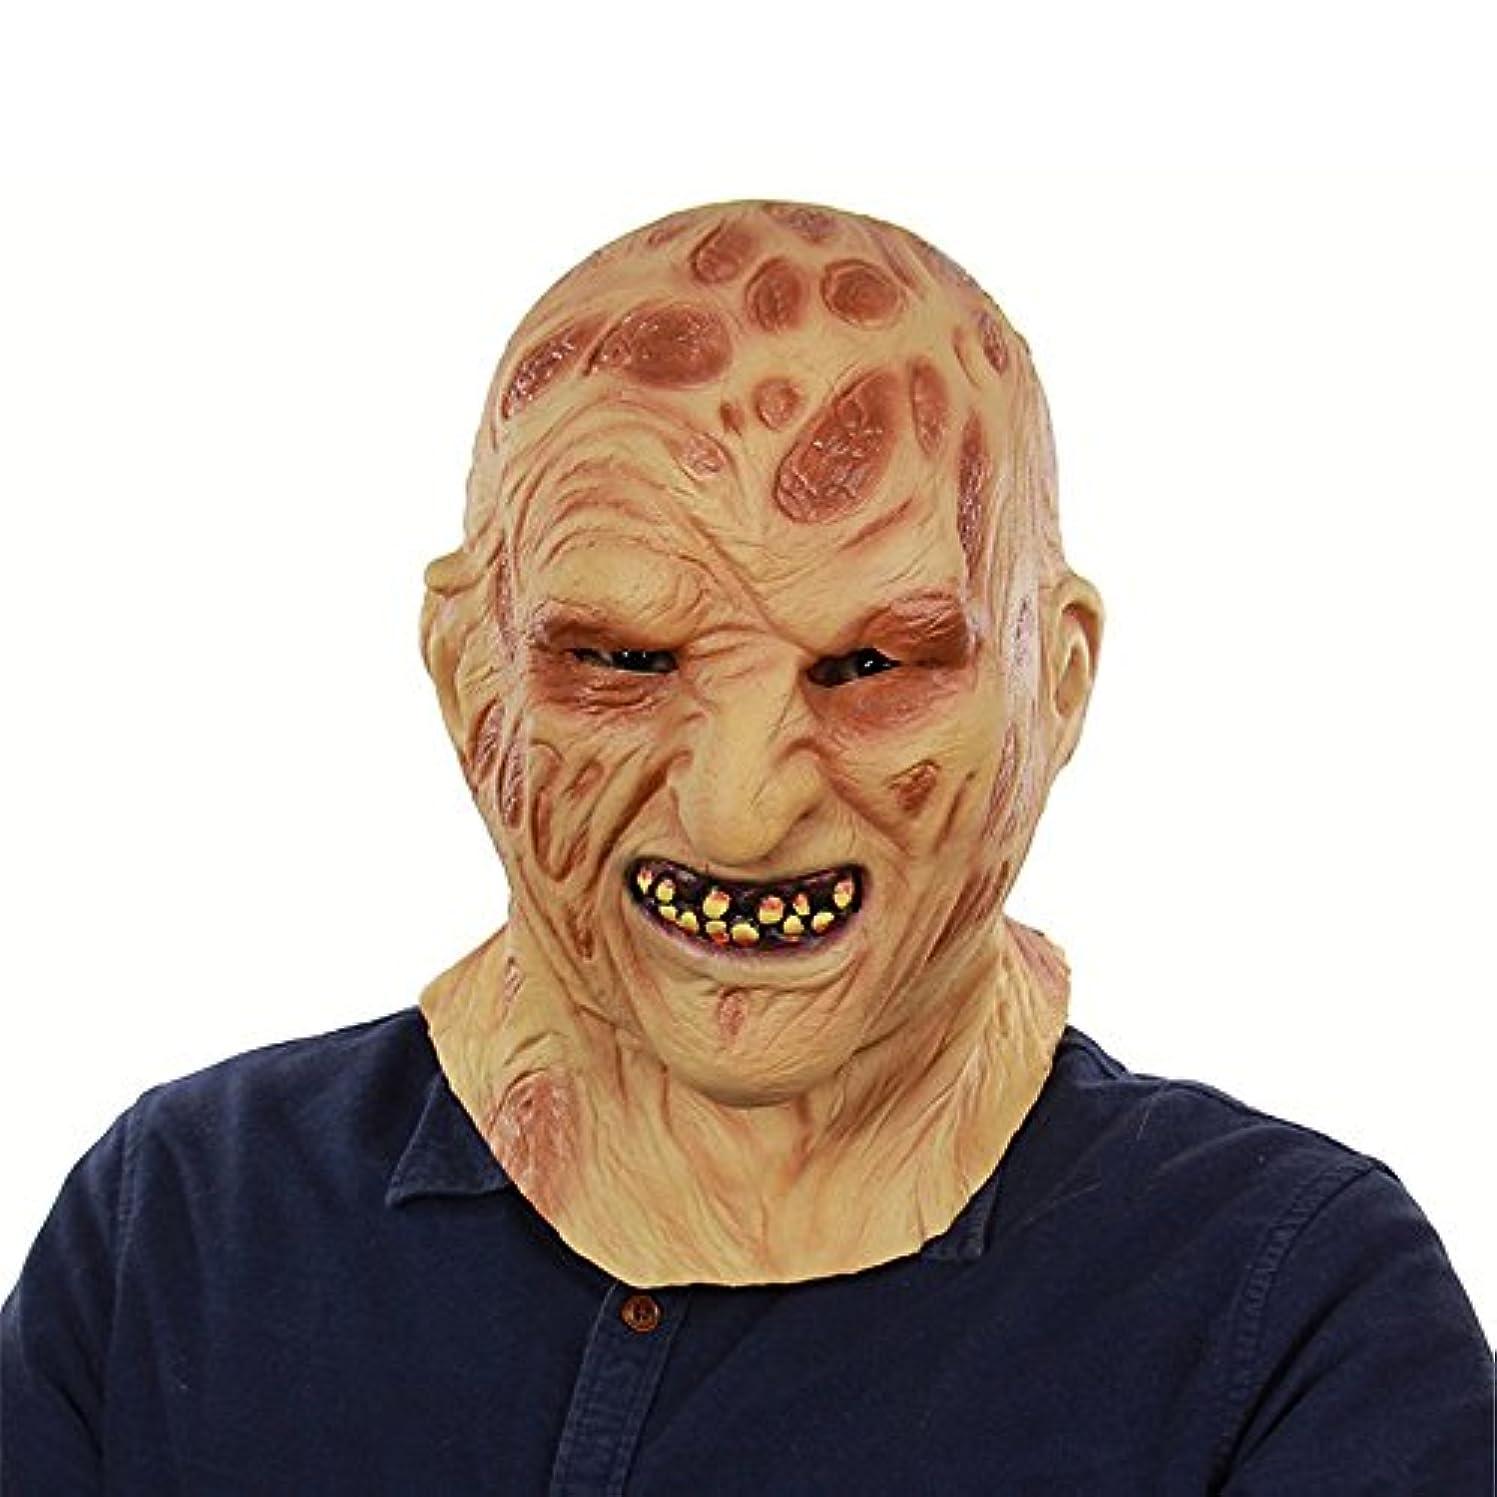 退屈多年生債務者ハロウィンゴーストフェスティバル対外貿易ラテックス火災燃える顔腐肉ヘッドカバーホラー腐った顔ゾンビゾンビフェイスマスク